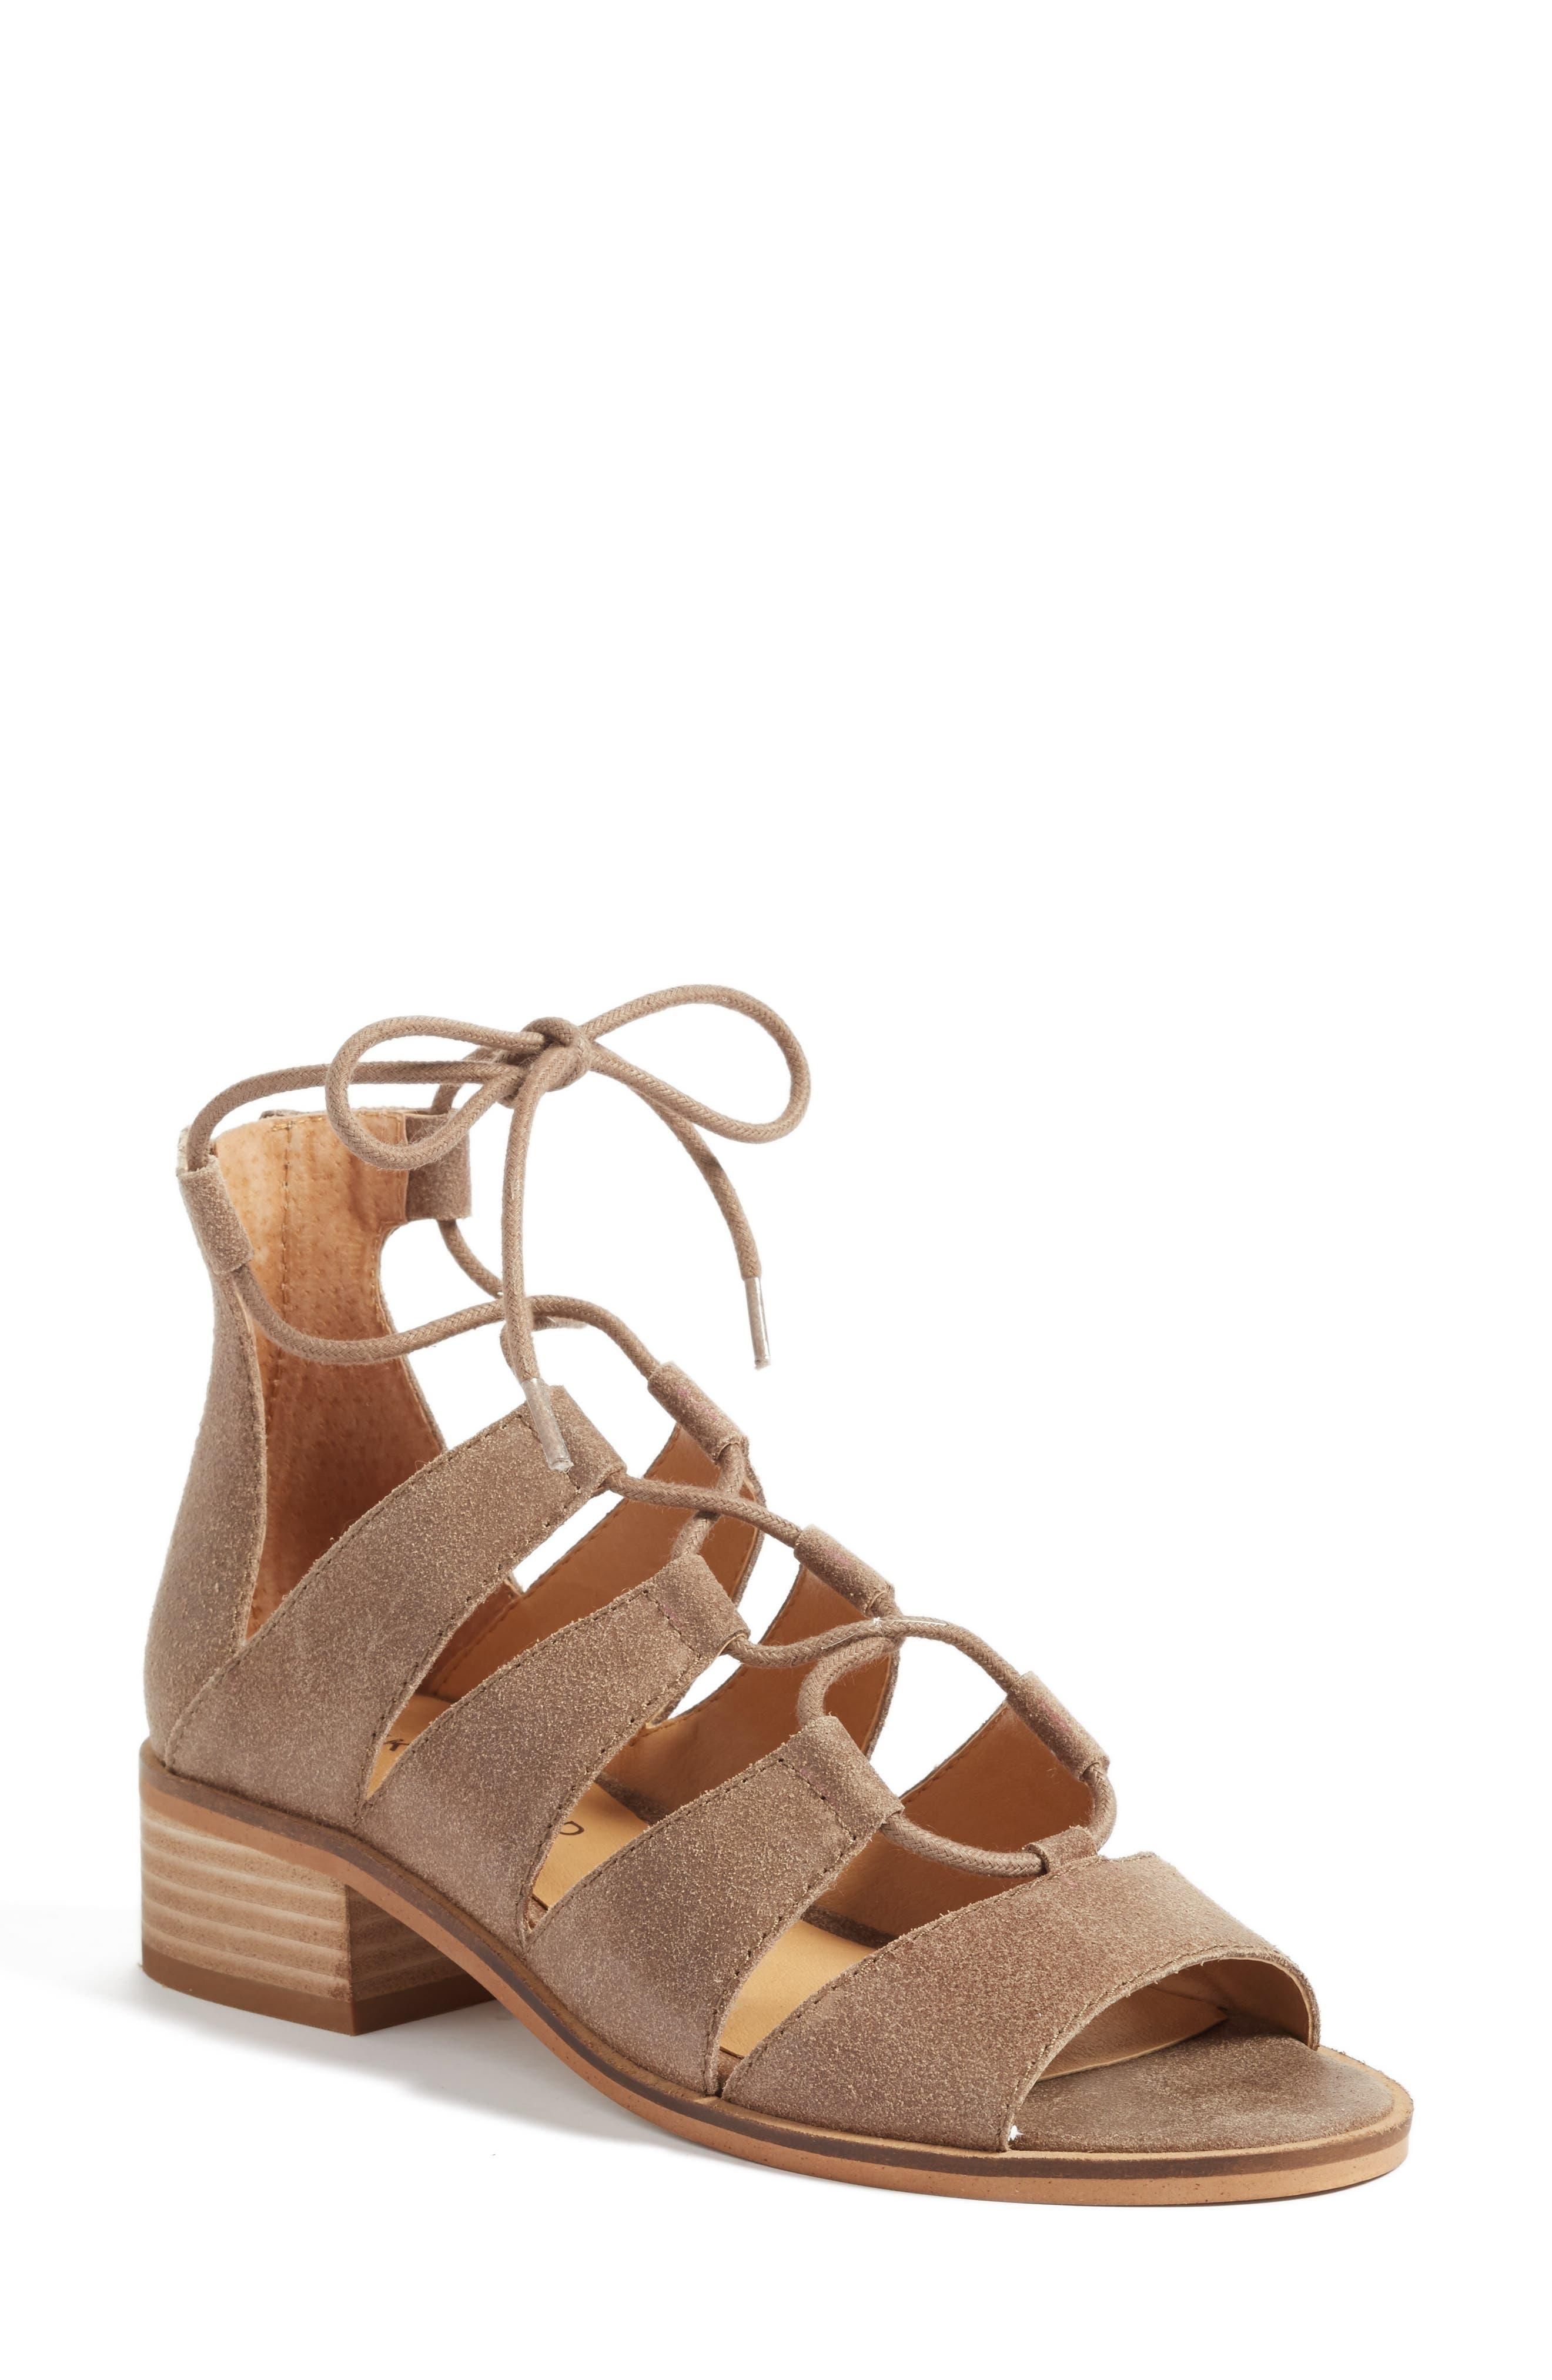 LUCKY BRAND Tazu Lace-Up Sandal